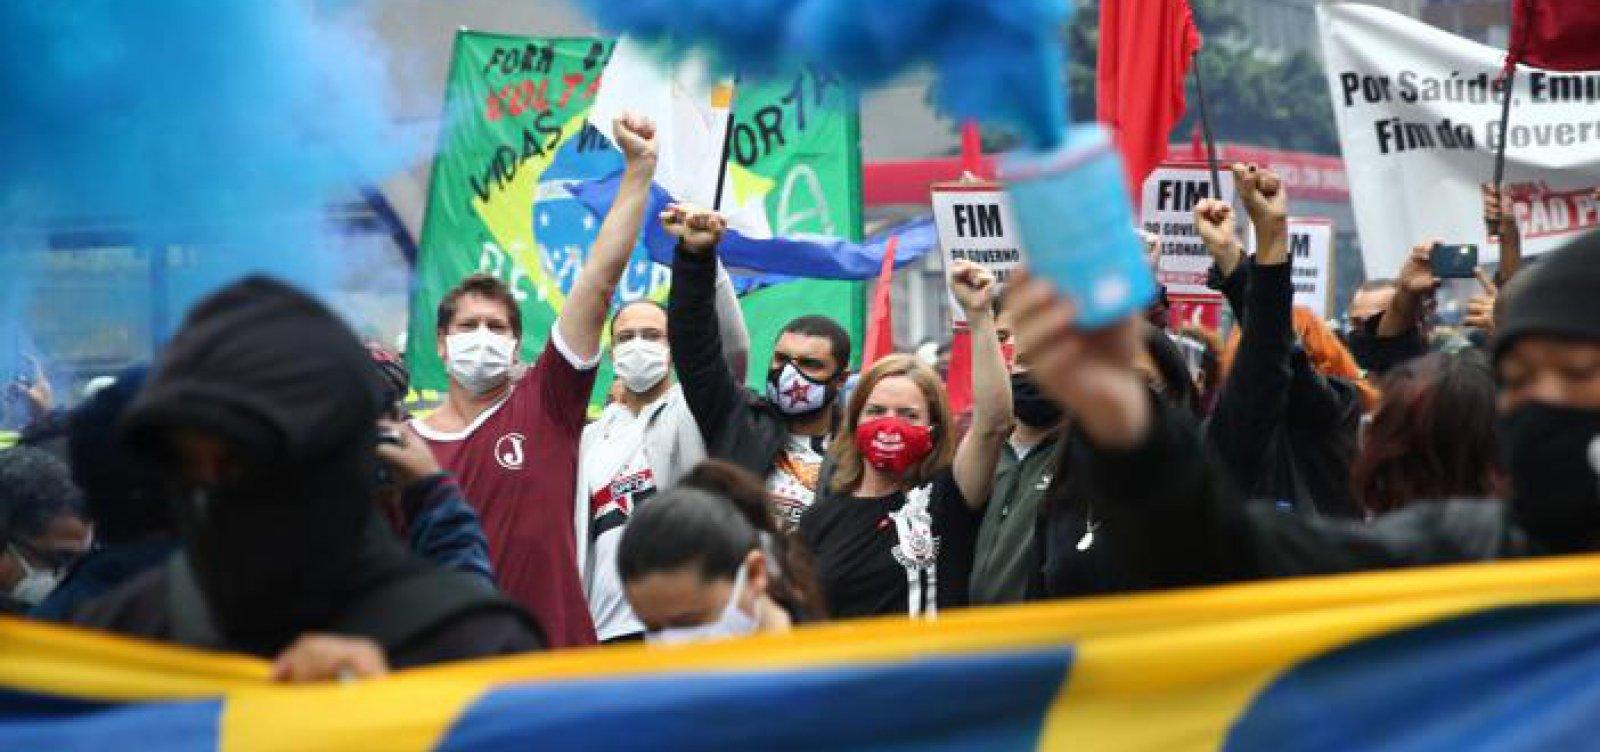 [Manifestantes fazem ato em defesa da democracia e contra Bolsonaro em SP]